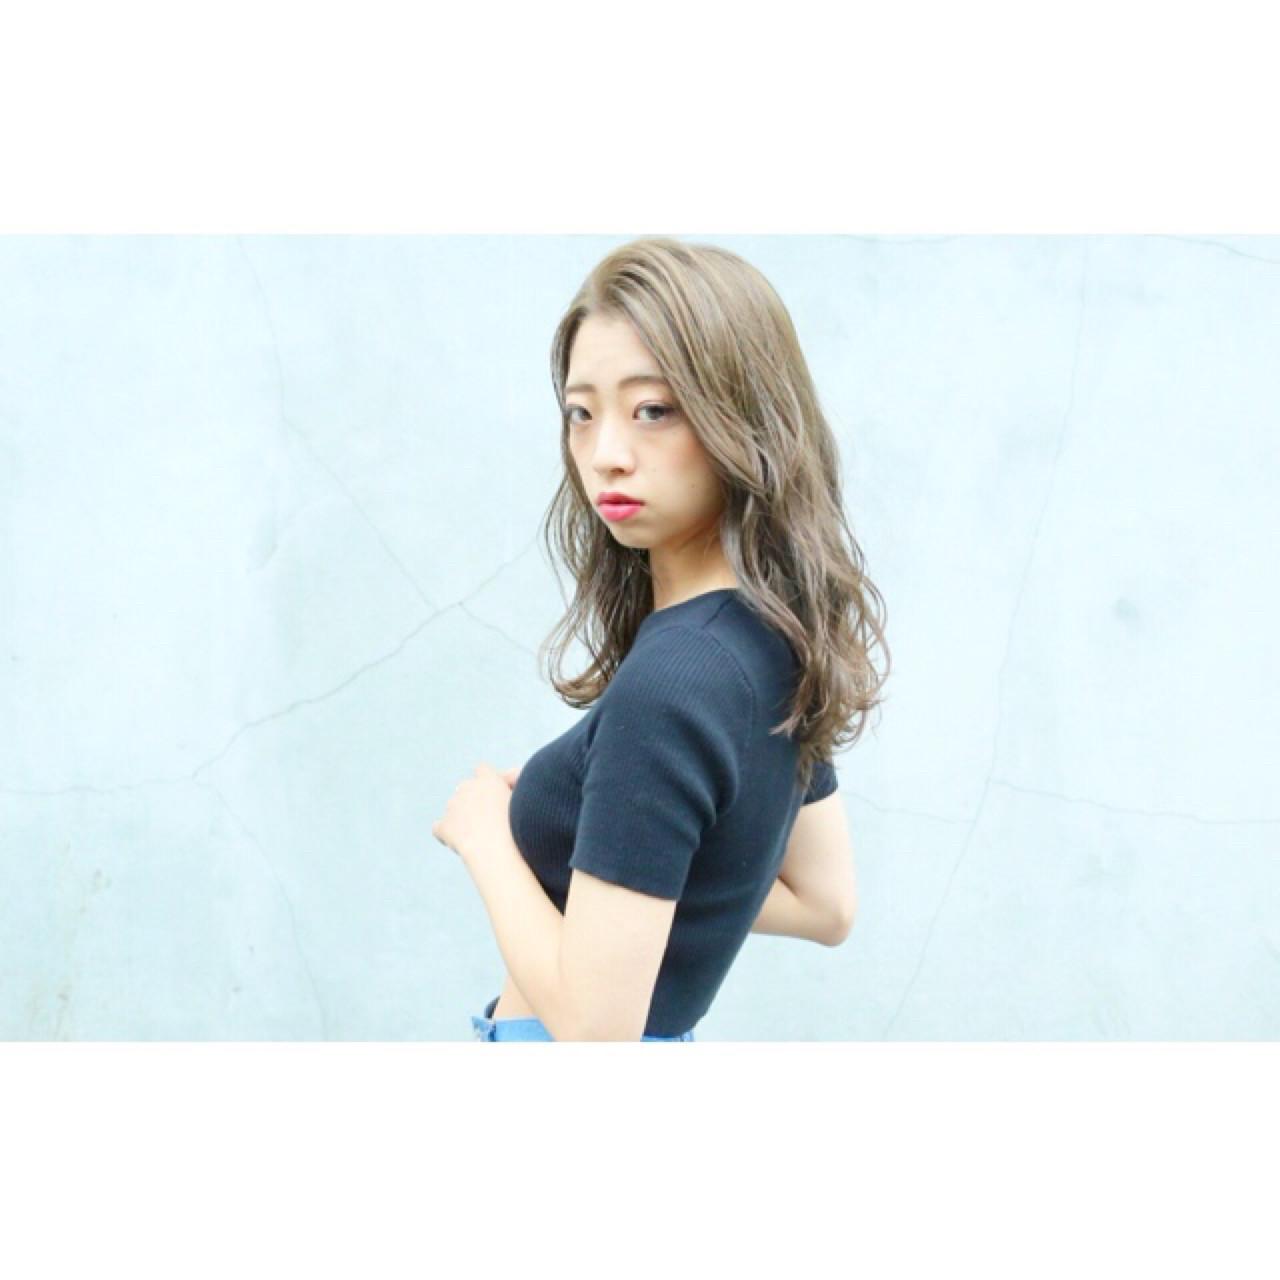 大人かわいい ゆるふわ ロング 外国人風 ヘアスタイルや髪型の写真・画像   AKI / park by merry / park by merry